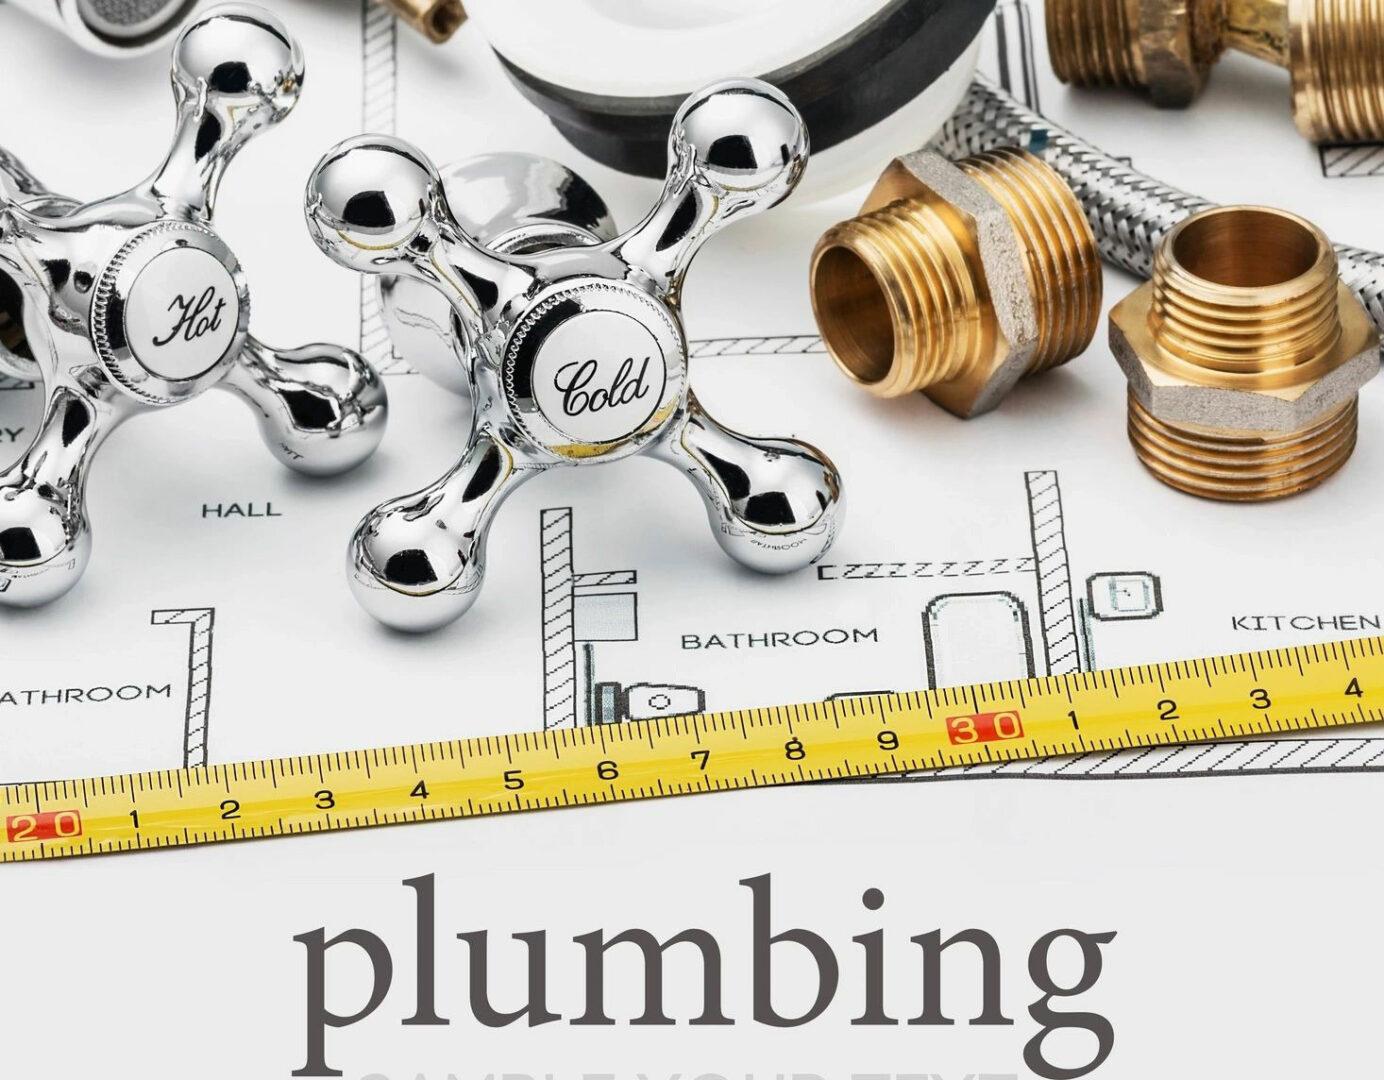 Plumbing Services in Freeport, Texas   Brazosport Plumbing & Heating